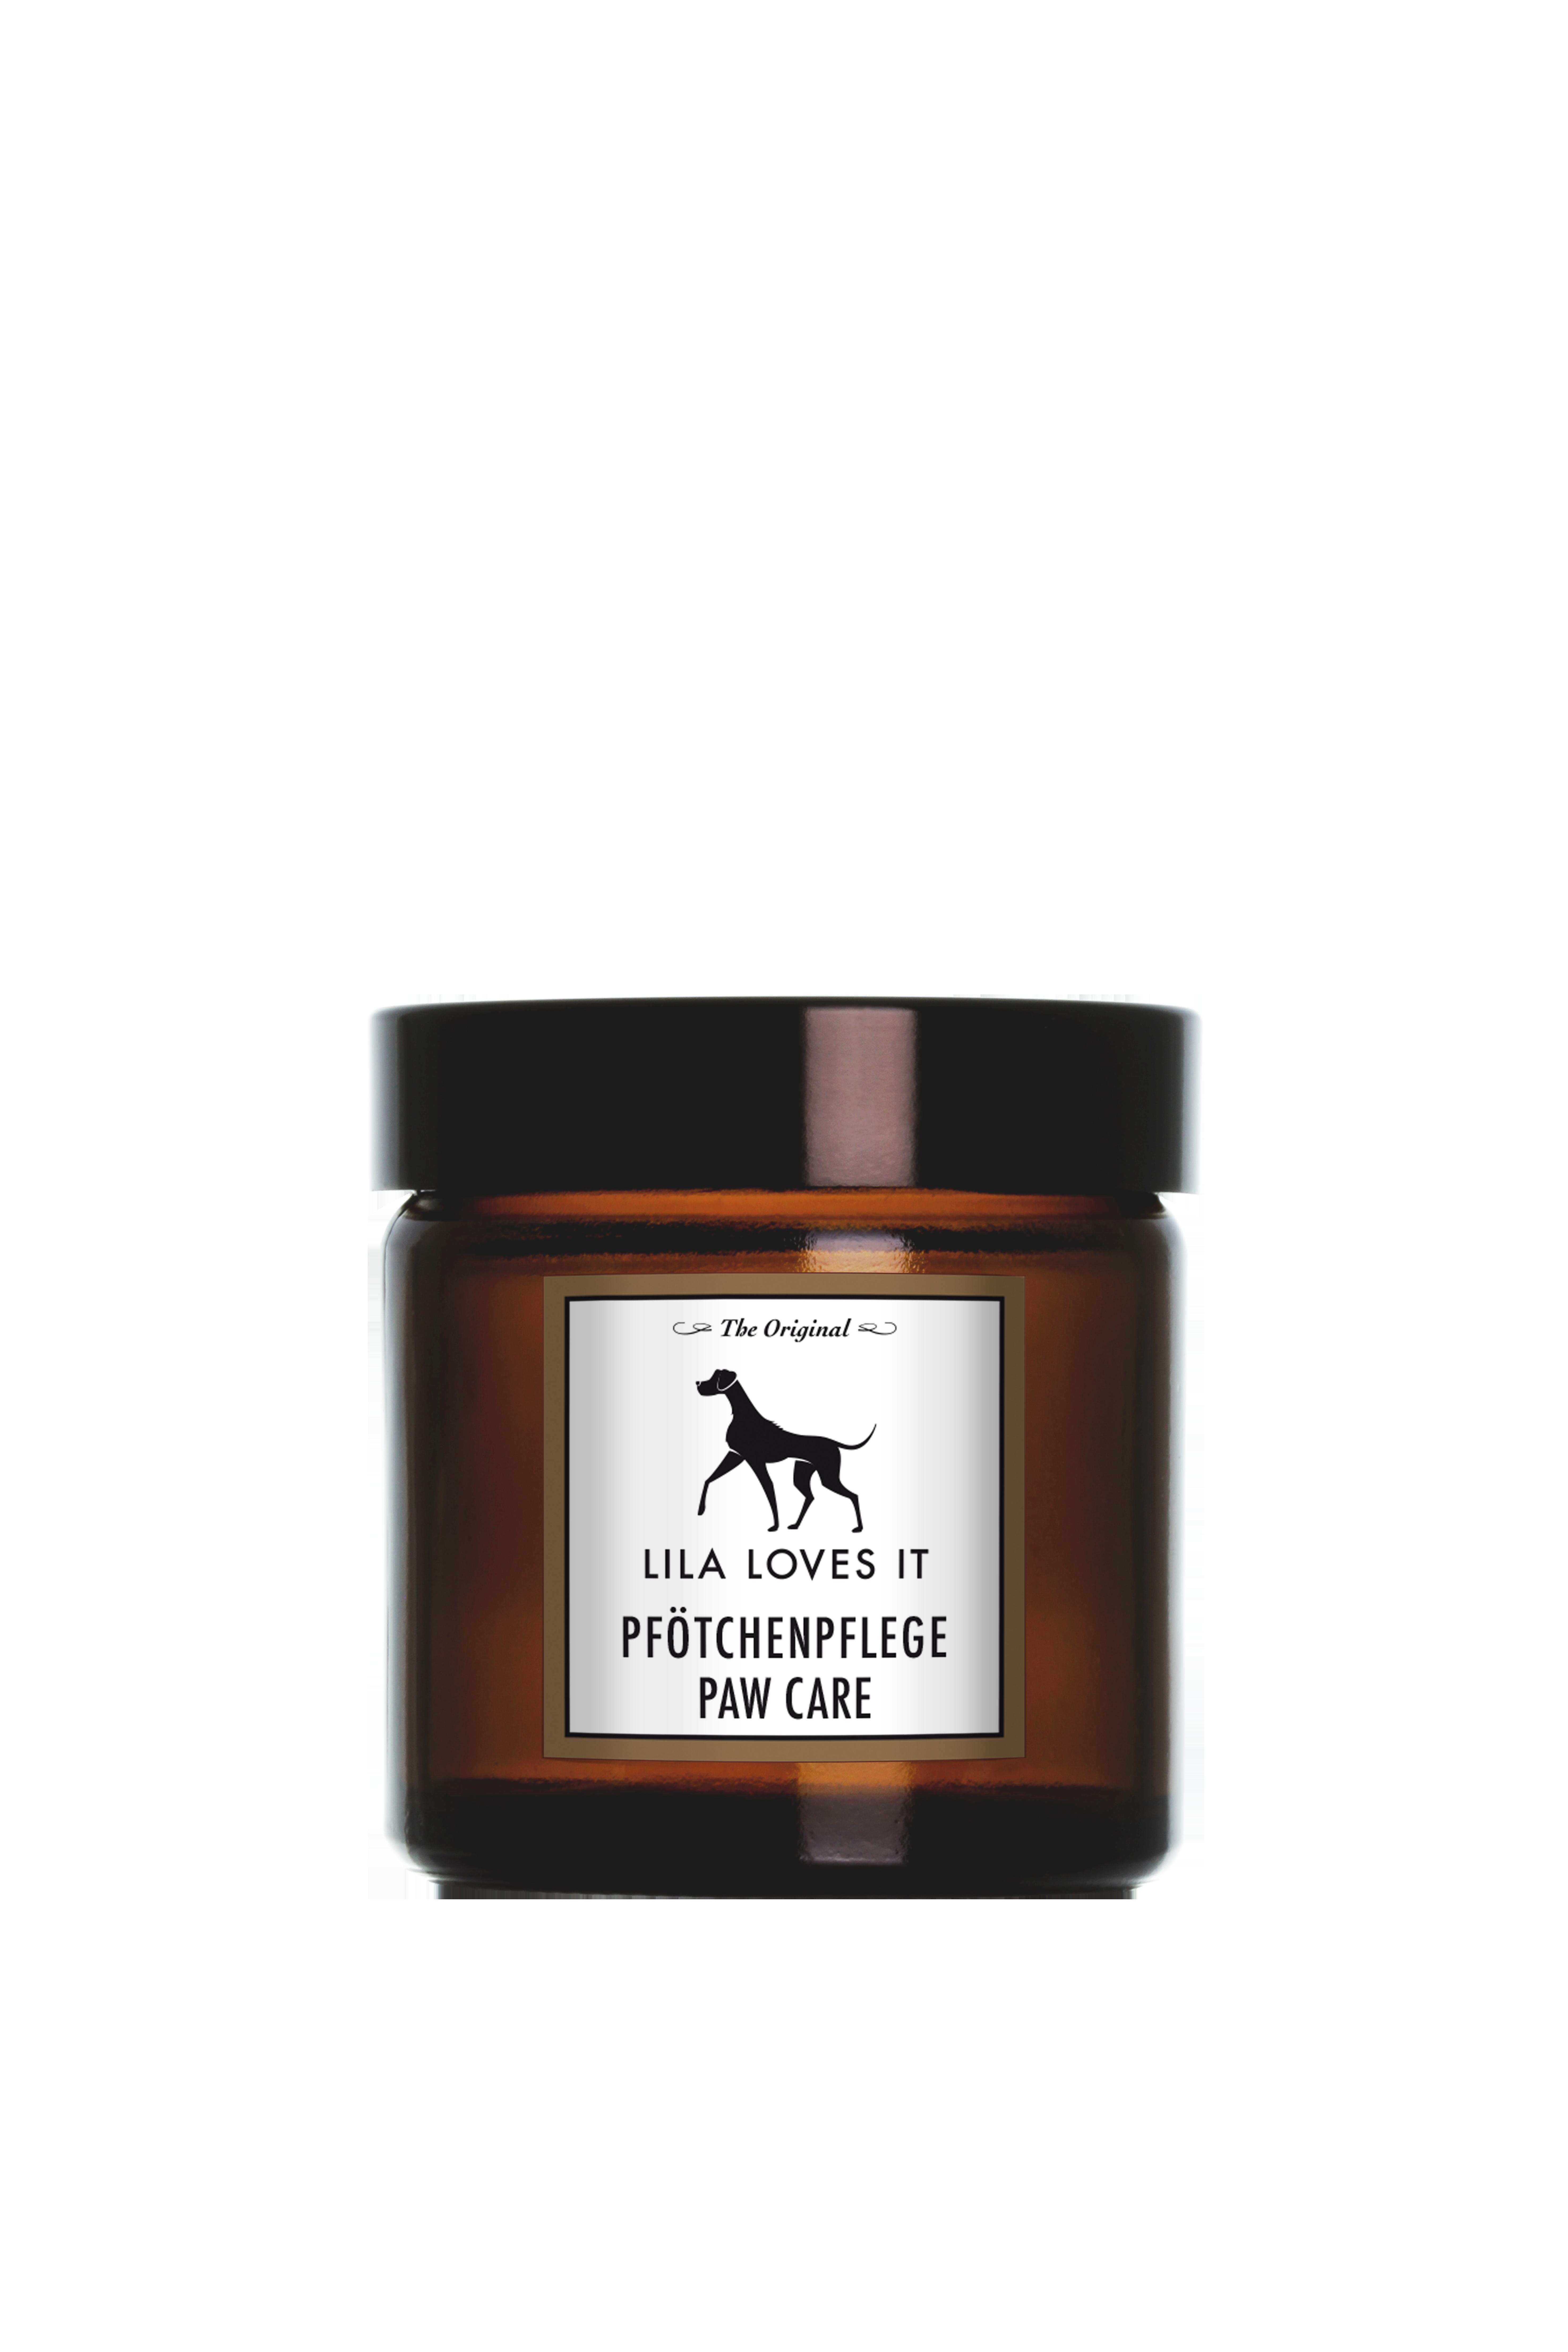 Little Paw Care - Salva för tassarna - Hund Spa Hygiene